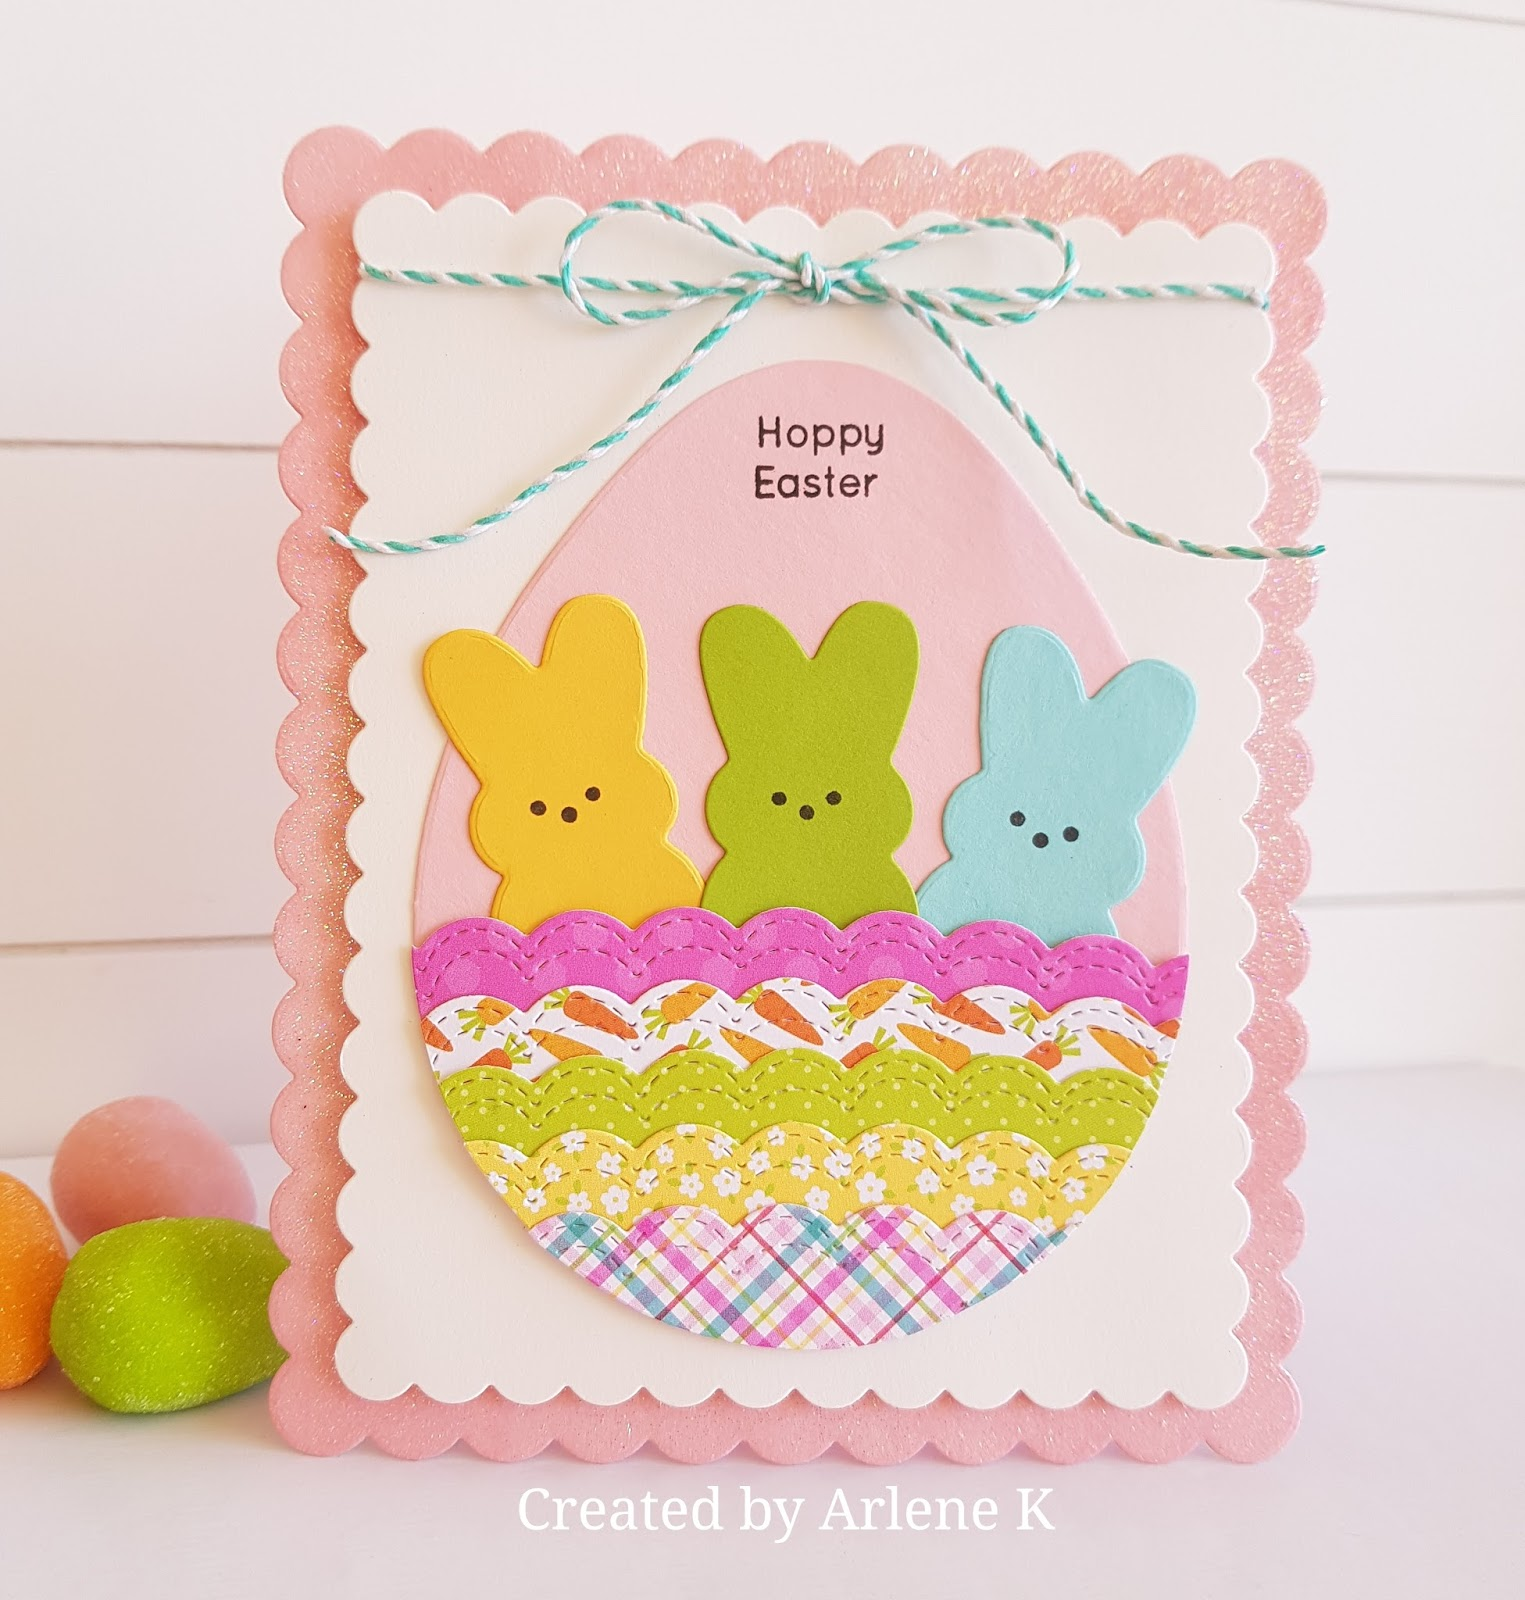 фотографии открытки с пасхальным кроликом своими руками где бесконечные